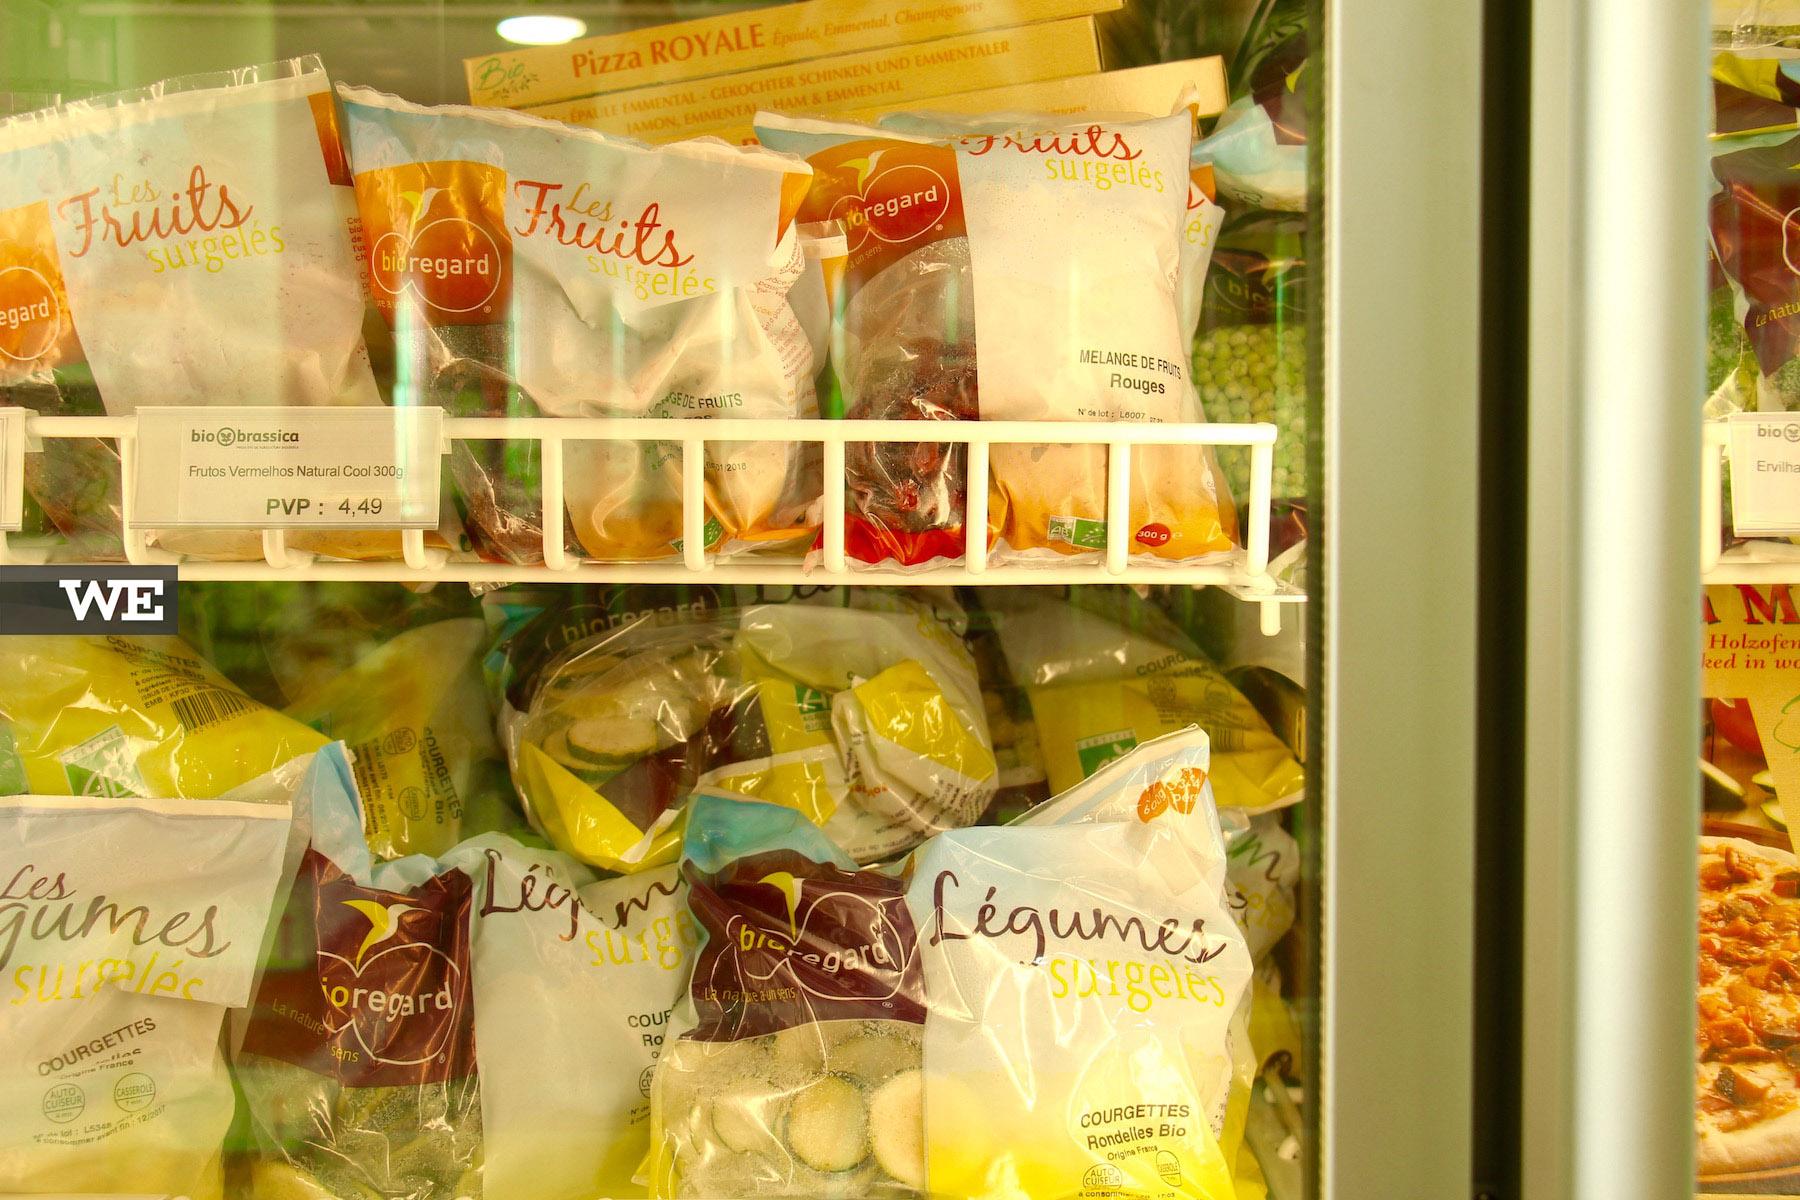 Congelados BIO na Biobrassica, uma loja de produtos biológicos